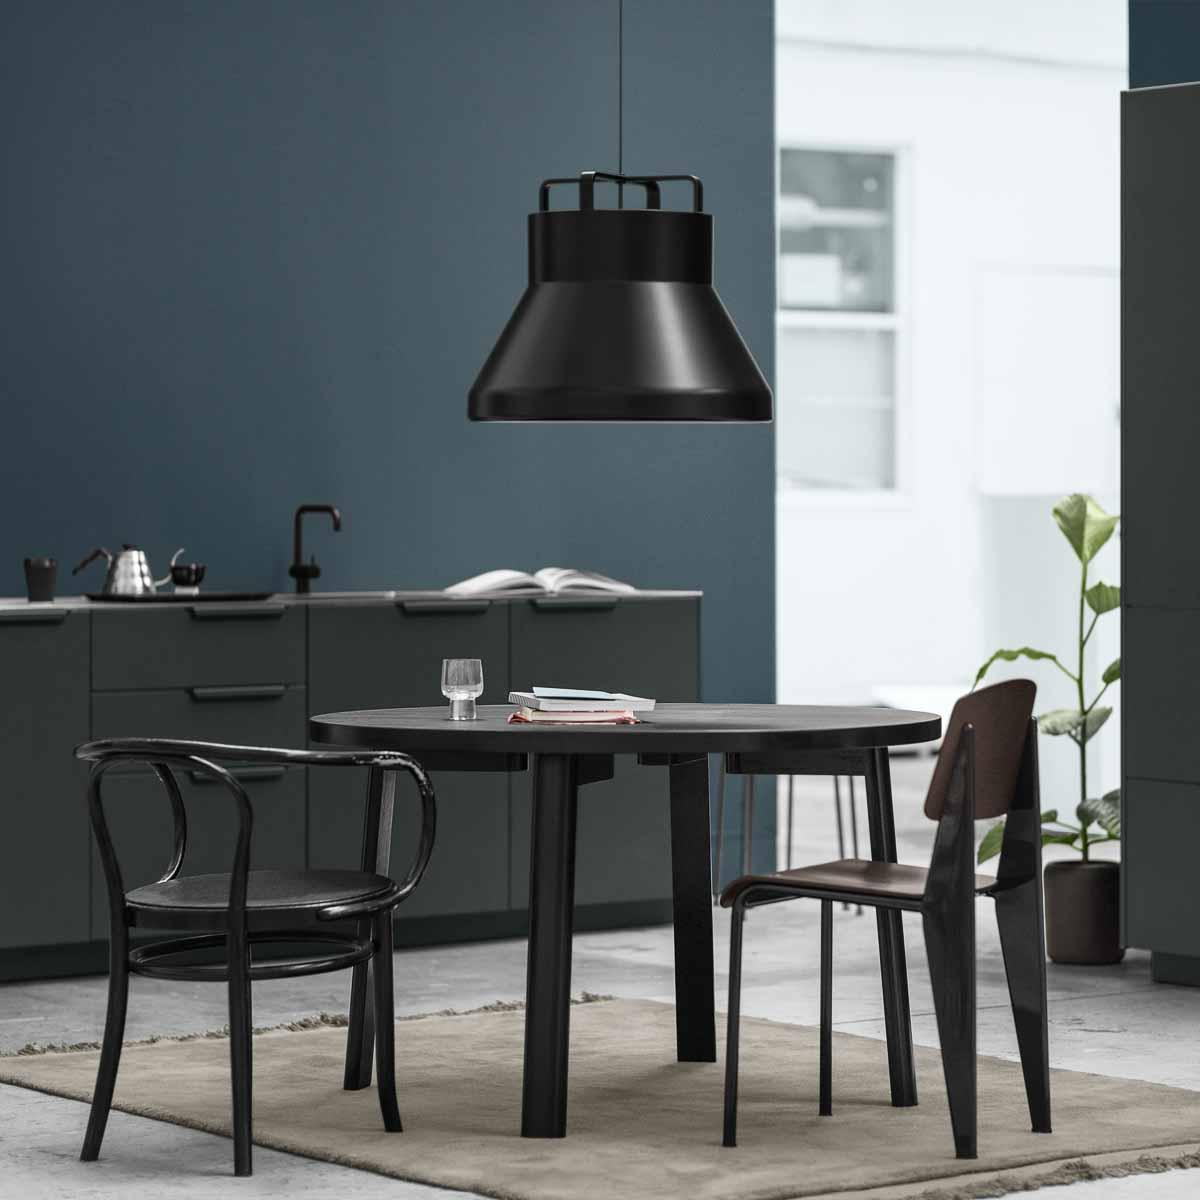 Küchenfronten für Ikea Küchen von Reform-4